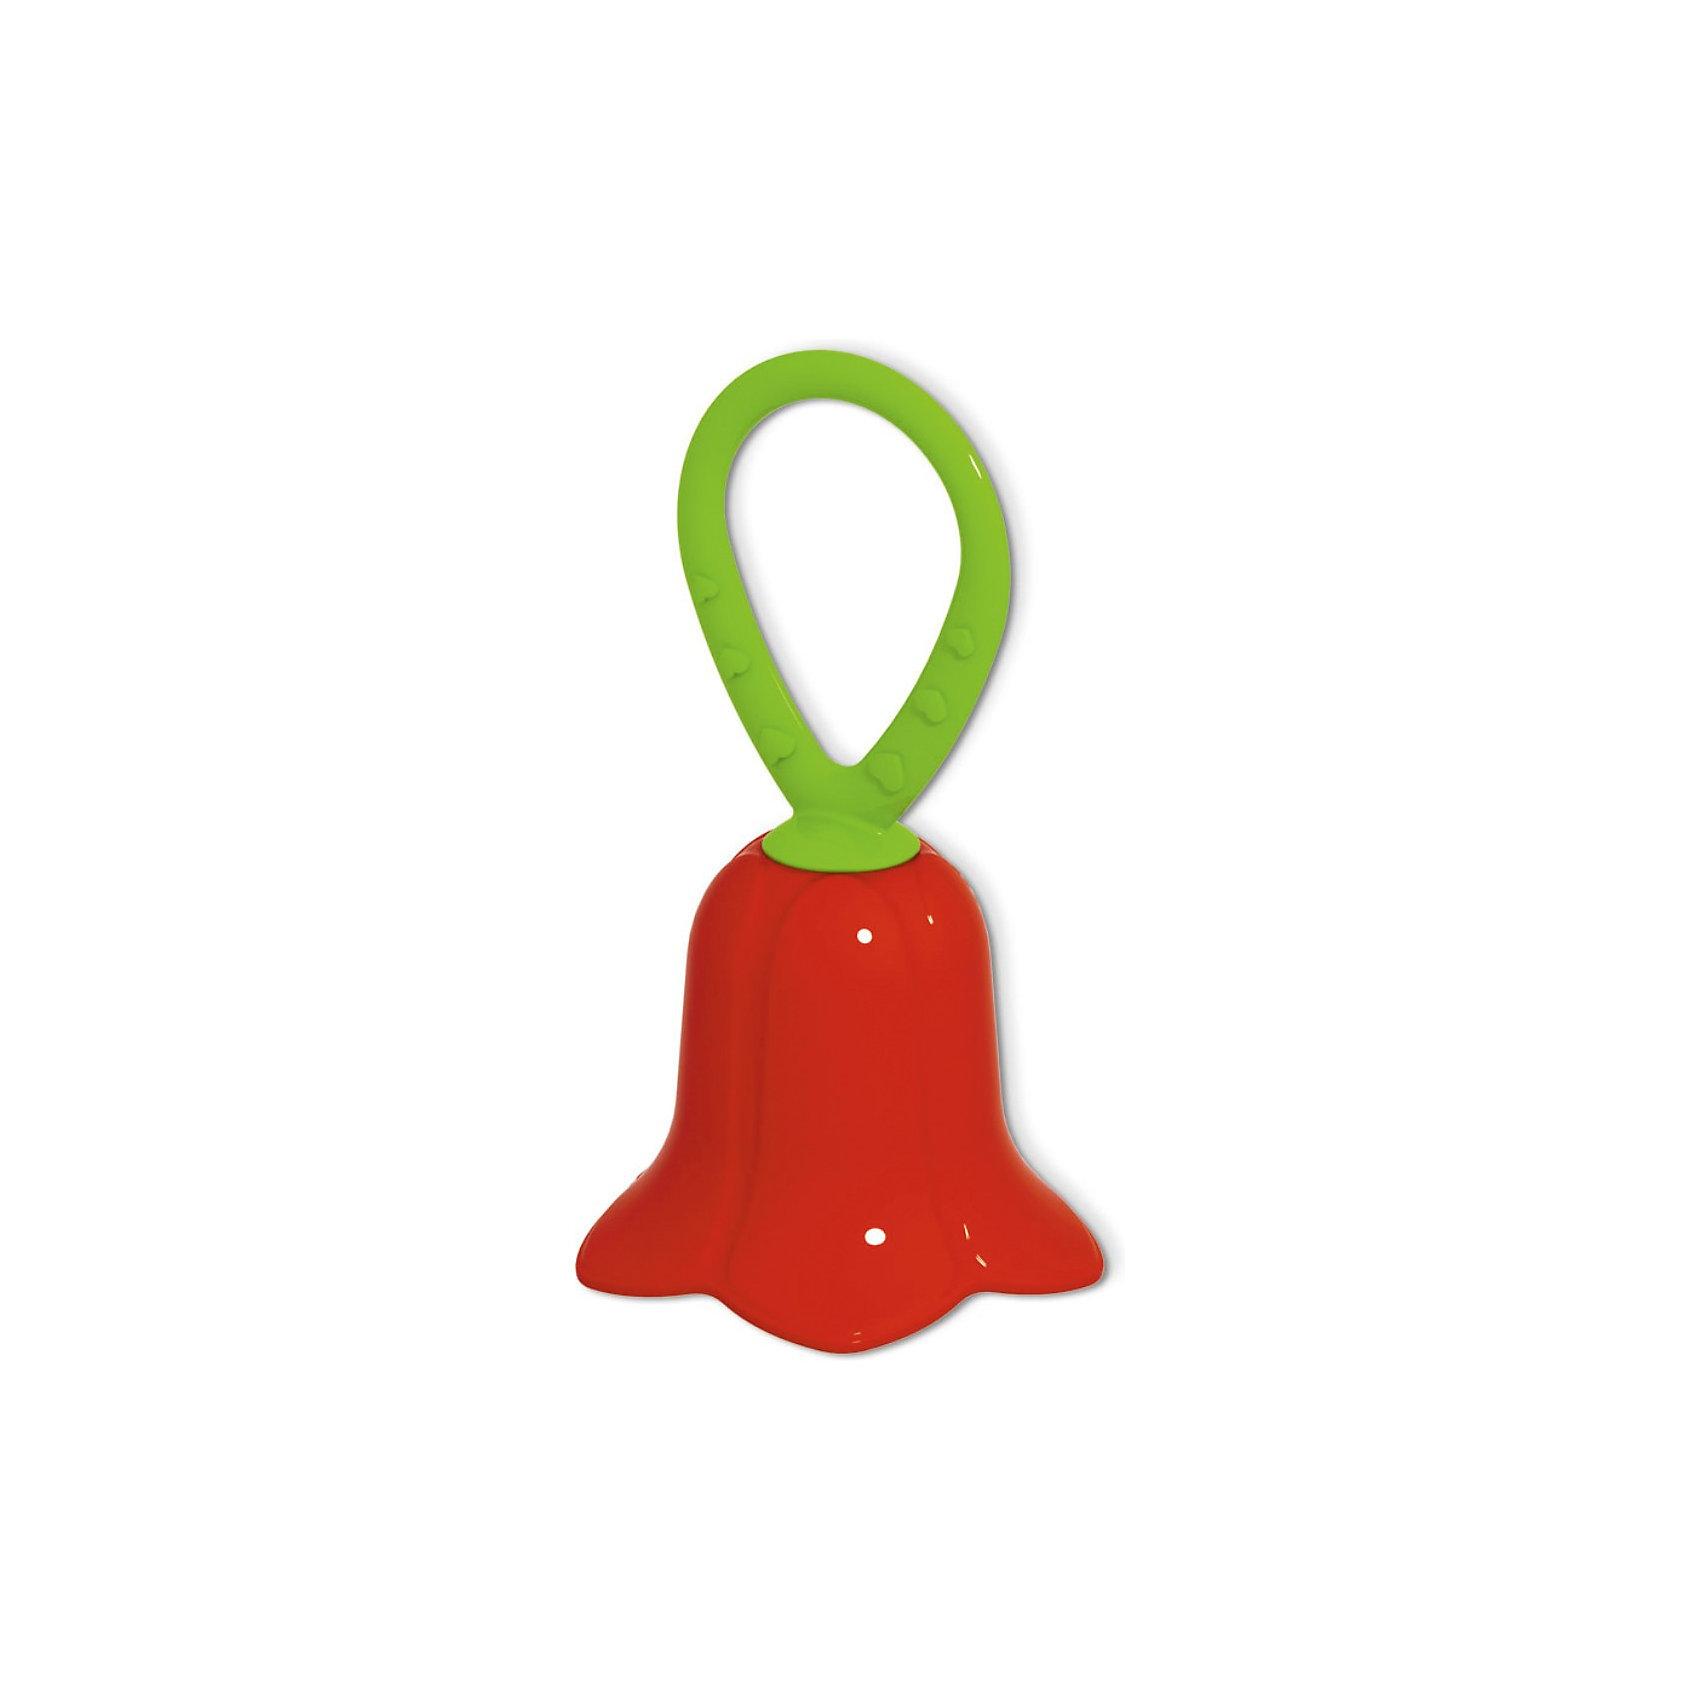 Погремушка Колокольчик, СтелларПогремушки<br>Погремушка Колокольчик, Стеллар станет самой первой игрушкой Вашего малыша.<br>Игрушка представляет собой яркий колокольчик с шариками внутри, выполняющими роль погремушки. Удобная форма ручки погремушки позволит малышу с легкостью взять и держать ее. Яркие цвета игрушки направлены на развитие мыслительной деятельности, цветовосприятия, тактильных ощущений и мелкой моторики рук ребенка, а элемент погремушки способствует развитию слуха. В изготовлении игрушки использована безопасная для здоровья малышей пластмасса.<br><br>Дополнительная информация:<br><br>- Размер игрушки: 12 см.<br>- Материал: пластмасса<br><br>- ВНИМАНИЕ! Данный товар представлен в разных вариантах исполнения. К сожалению, заранее выбрать определенный вариант невозможно. При заказе нескольких погремушек возможно получение одинаковых<br><br>Погремушку Колокольчик, Стеллар можно купить в нашем интернет-магазине.<br><br>Ширина мм: 80<br>Глубина мм: 120<br>Высота мм: 80<br>Вес г: 50<br>Возраст от месяцев: 0<br>Возраст до месяцев: 12<br>Пол: Унисекс<br>Возраст: Детский<br>SKU: 3779242